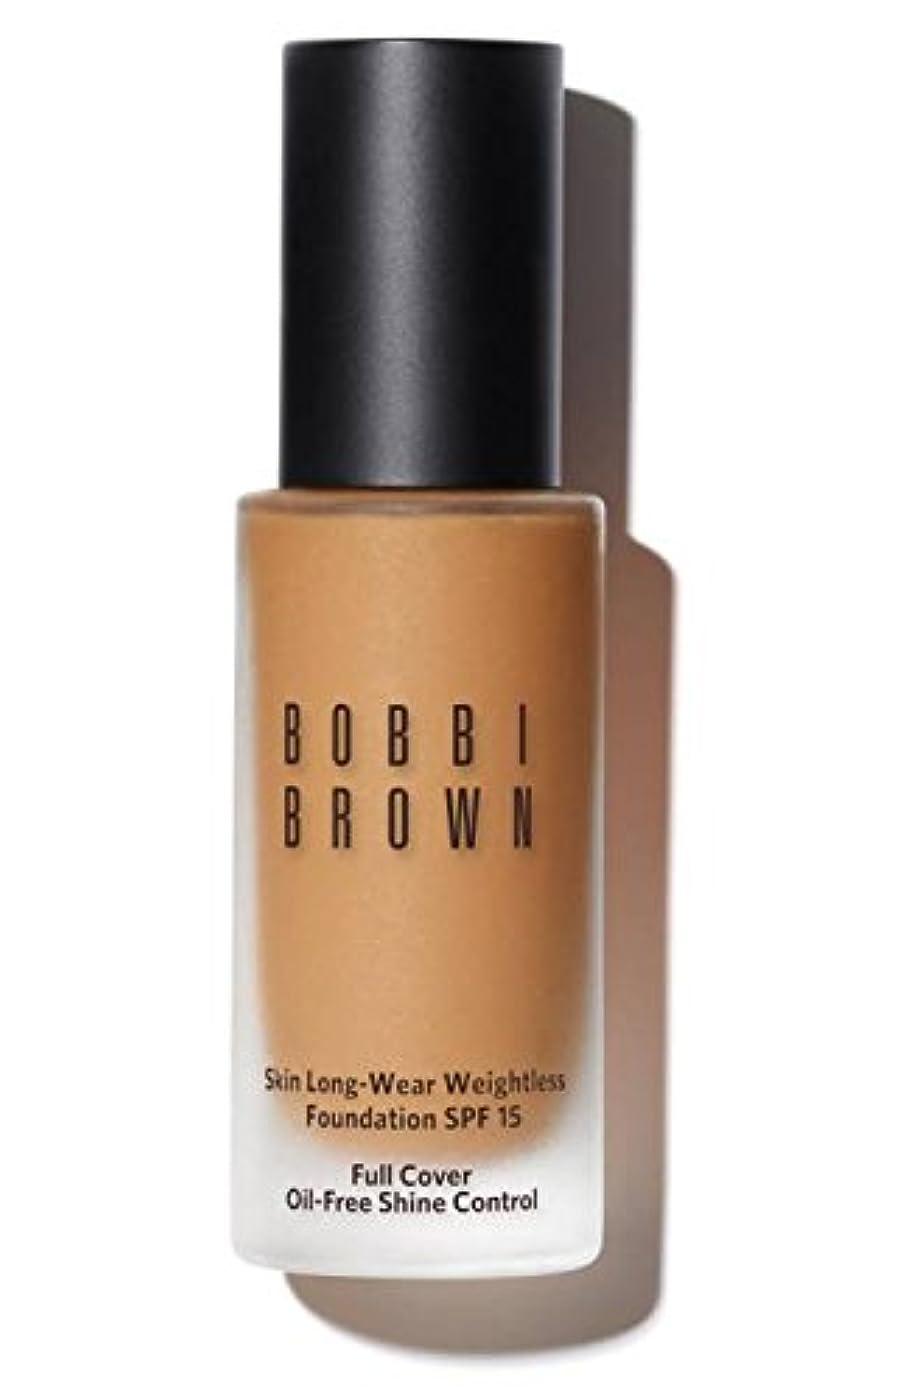 ボビイ ブラウン Skin Long Wear Weightless Foundation SPF 15 - # Golden Natural 30ml/1oz並行輸入品